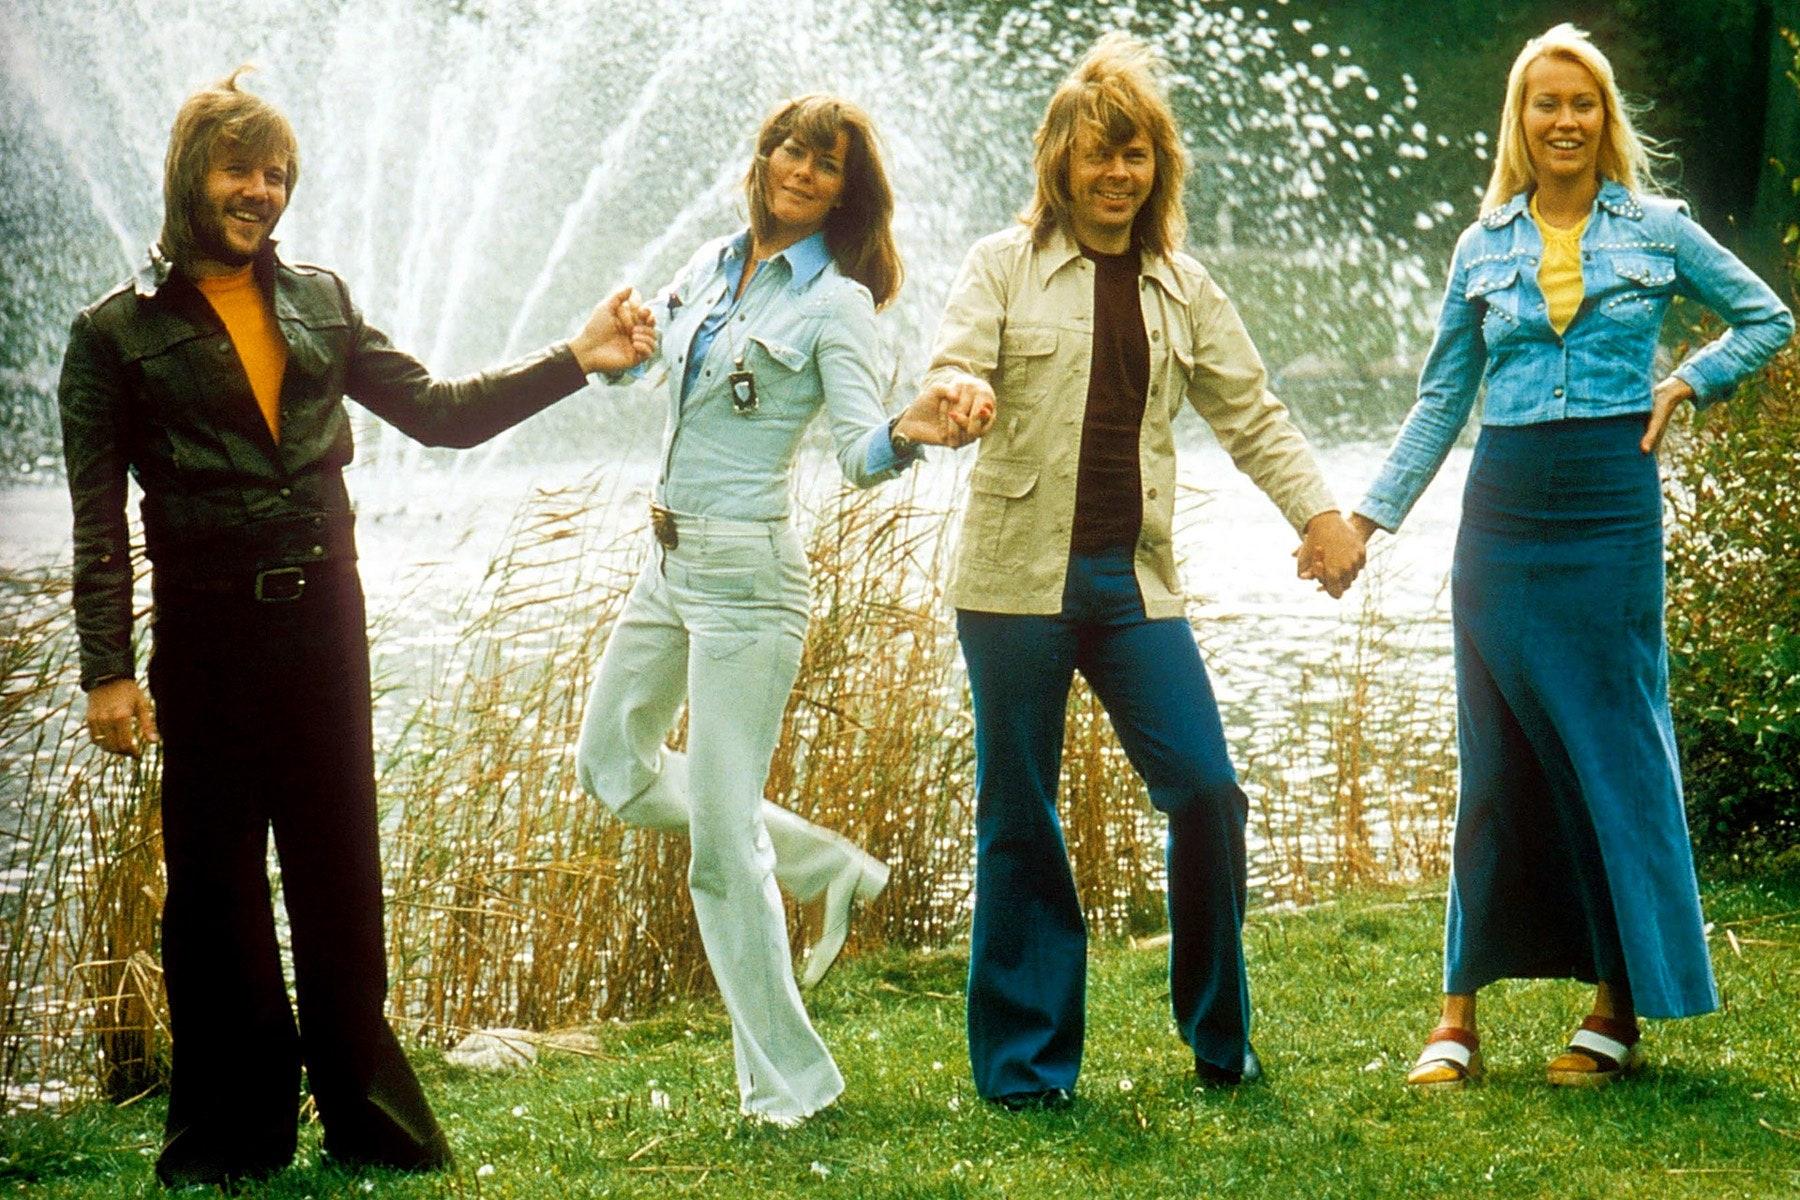 ABBA y su promesa de lanzar música nueva este 2021 - Duna 89.7 | Duna 89.7